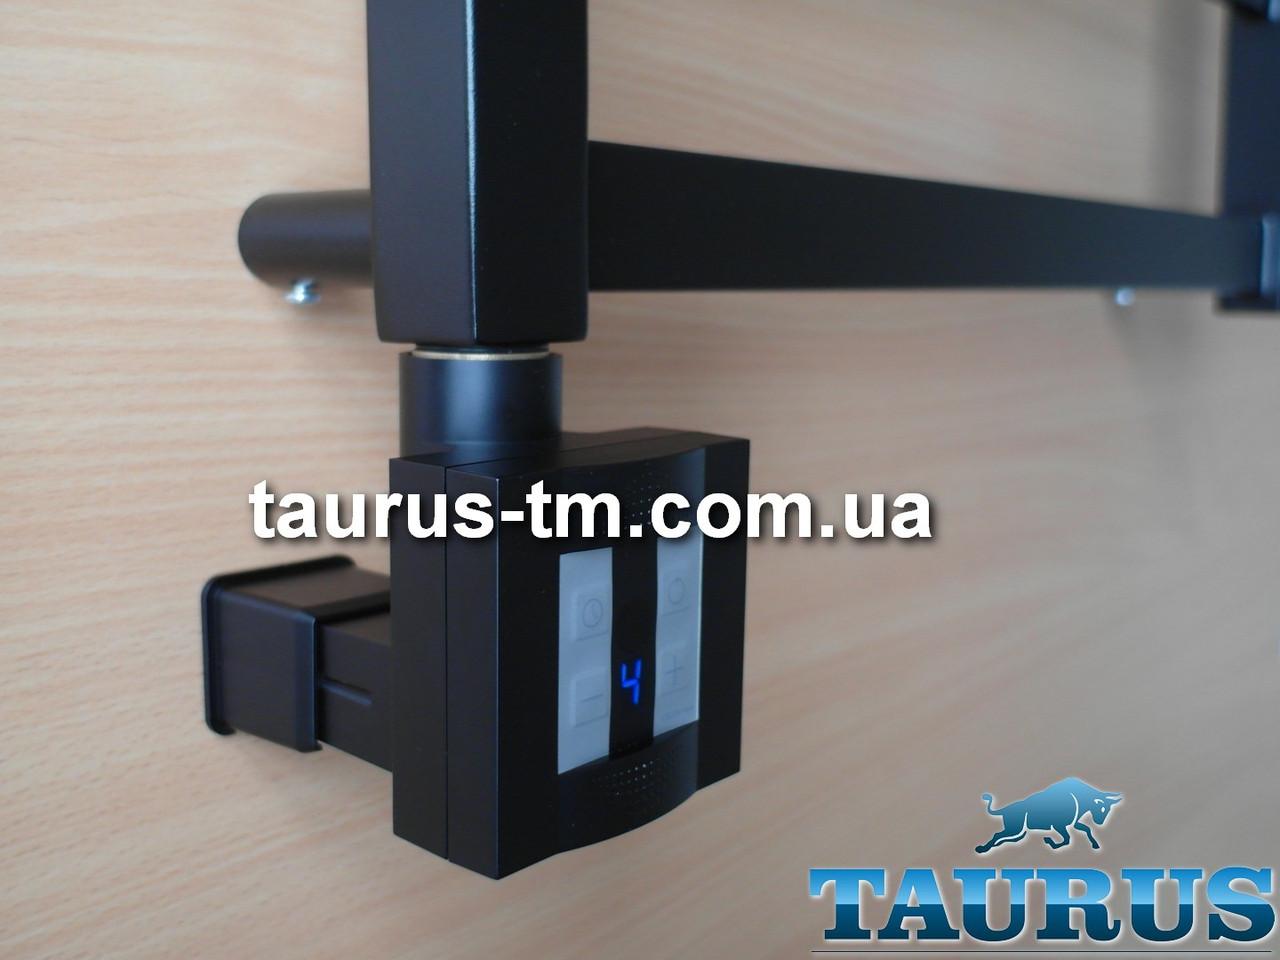 Чёрный ТЭН TERMA KTX4 MS Black c маскировкой: экран + регулятор 30-60C + таймер 1-4ч. под пульт ДУ. Польша 1/2